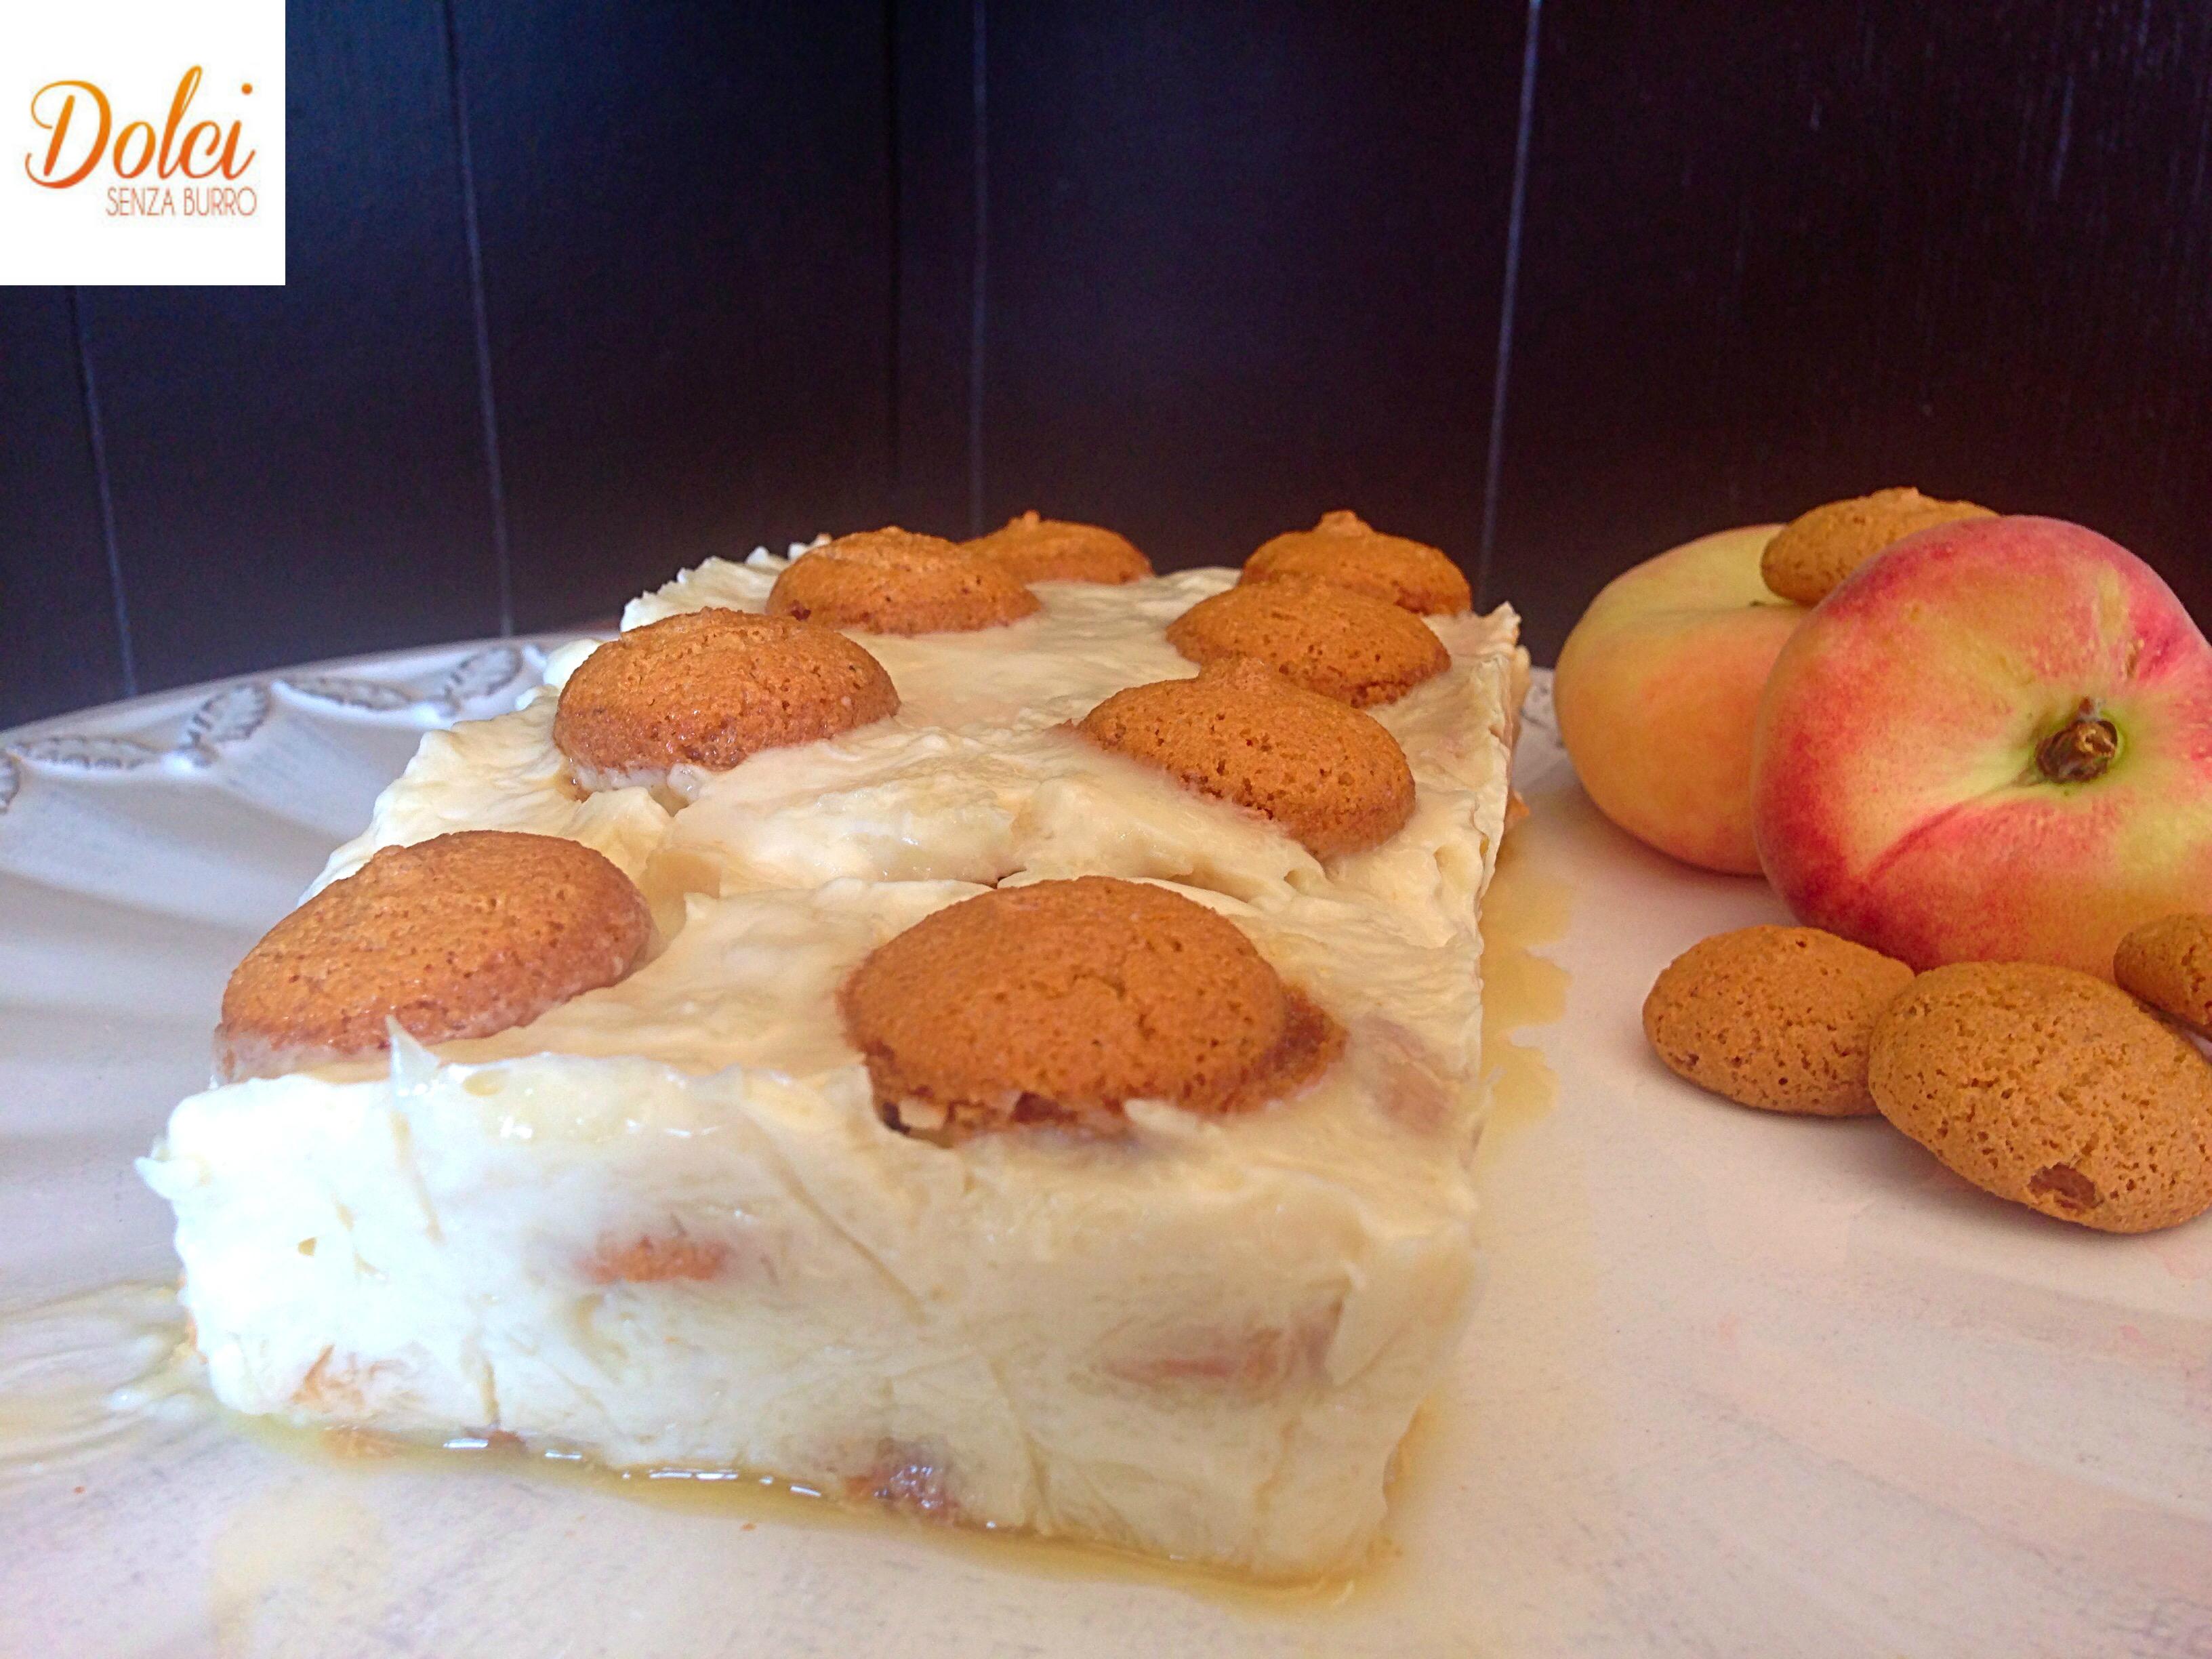 Semifreddo agli Amaretti e Pesche, il dolce fresco e leggero di dolci senza burro